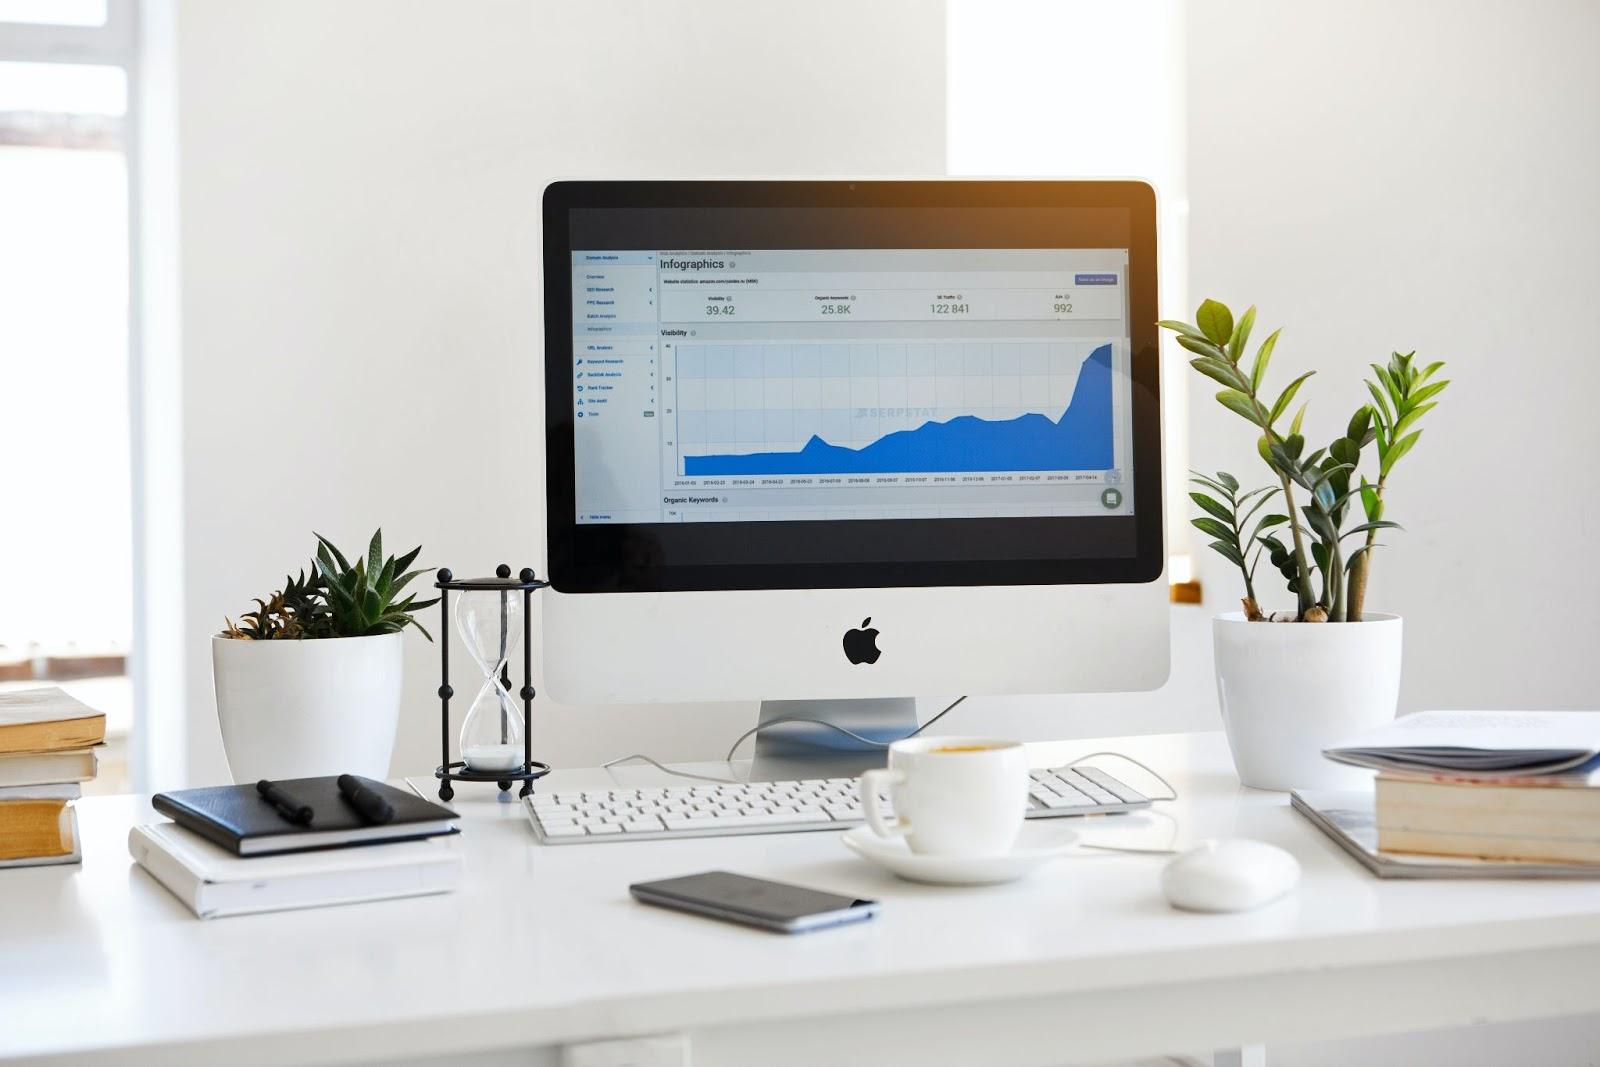 Designing KPI dashboards for startups